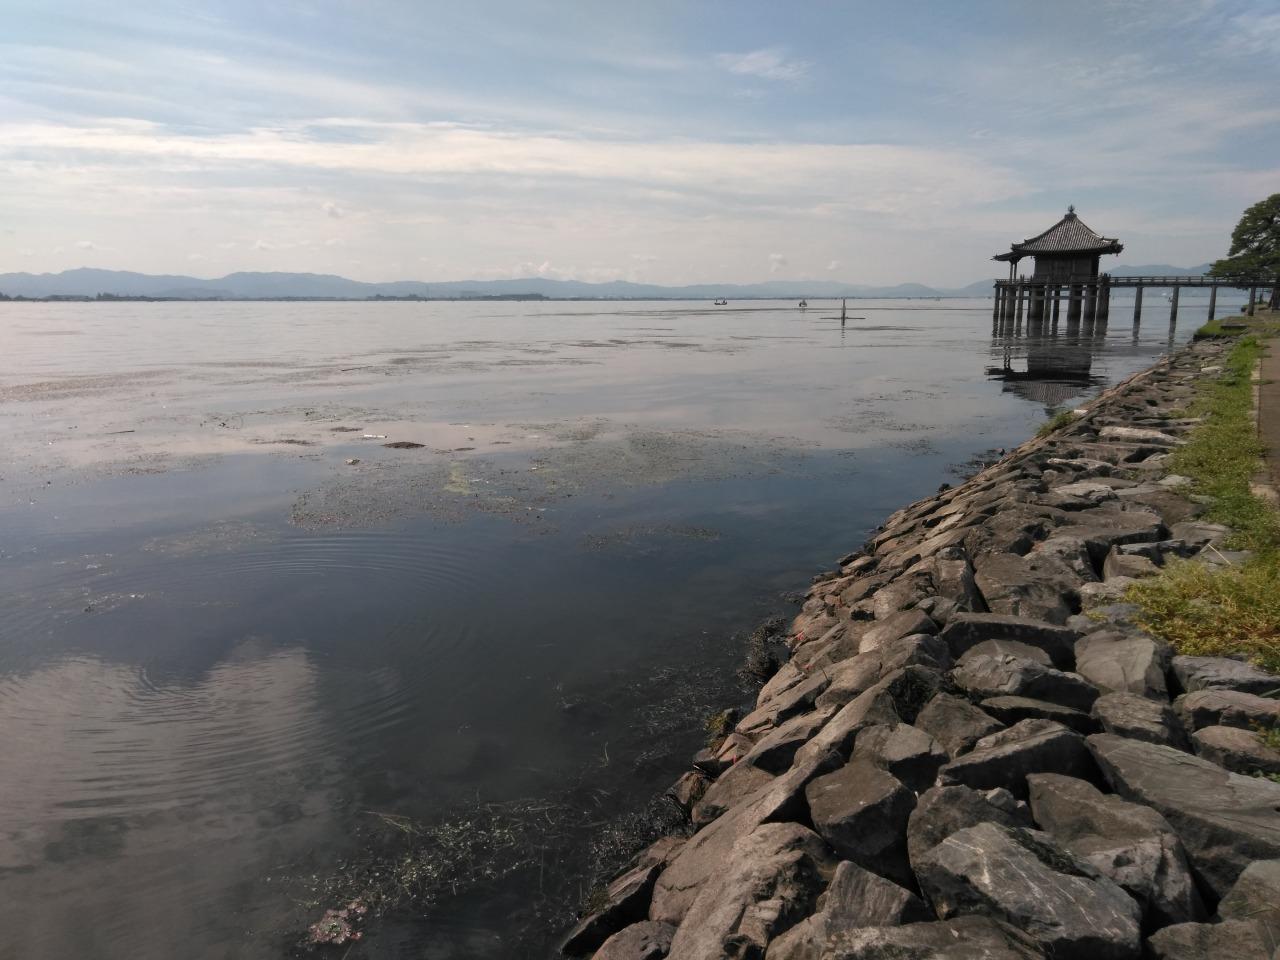 琵琶湖の堅田エリア、浮御堂